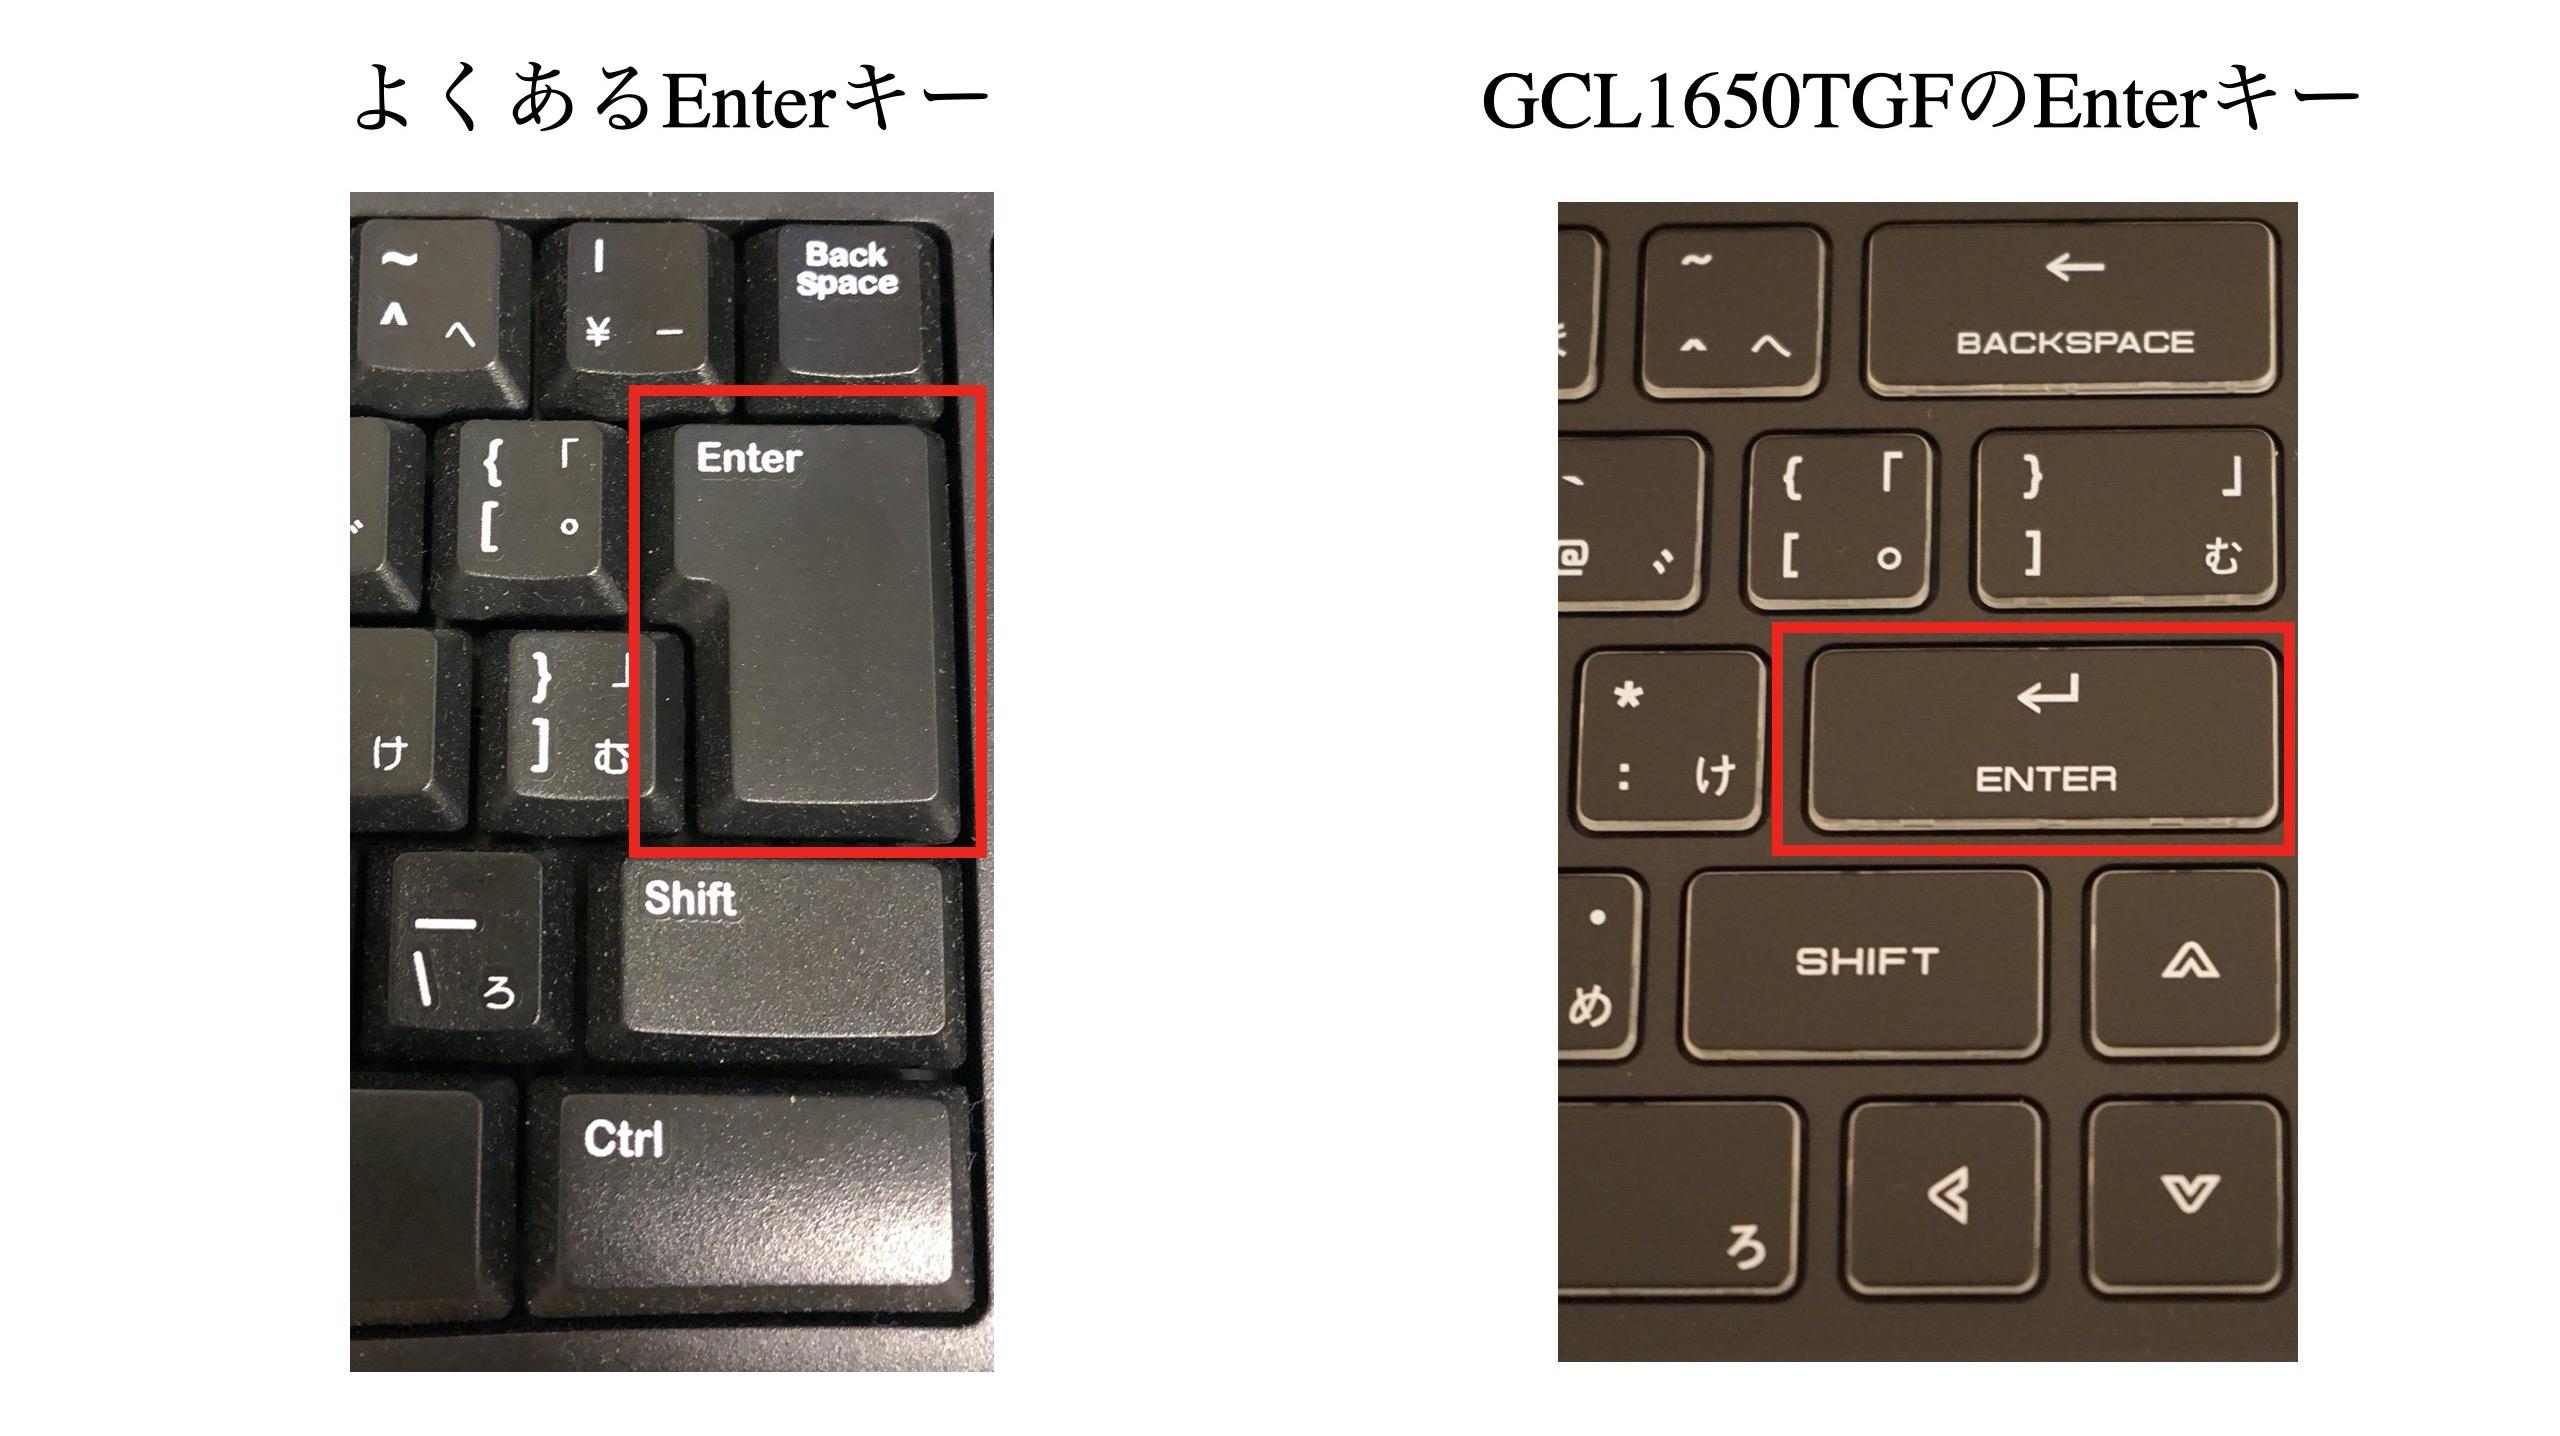 GCL1650TGF_Enterキー